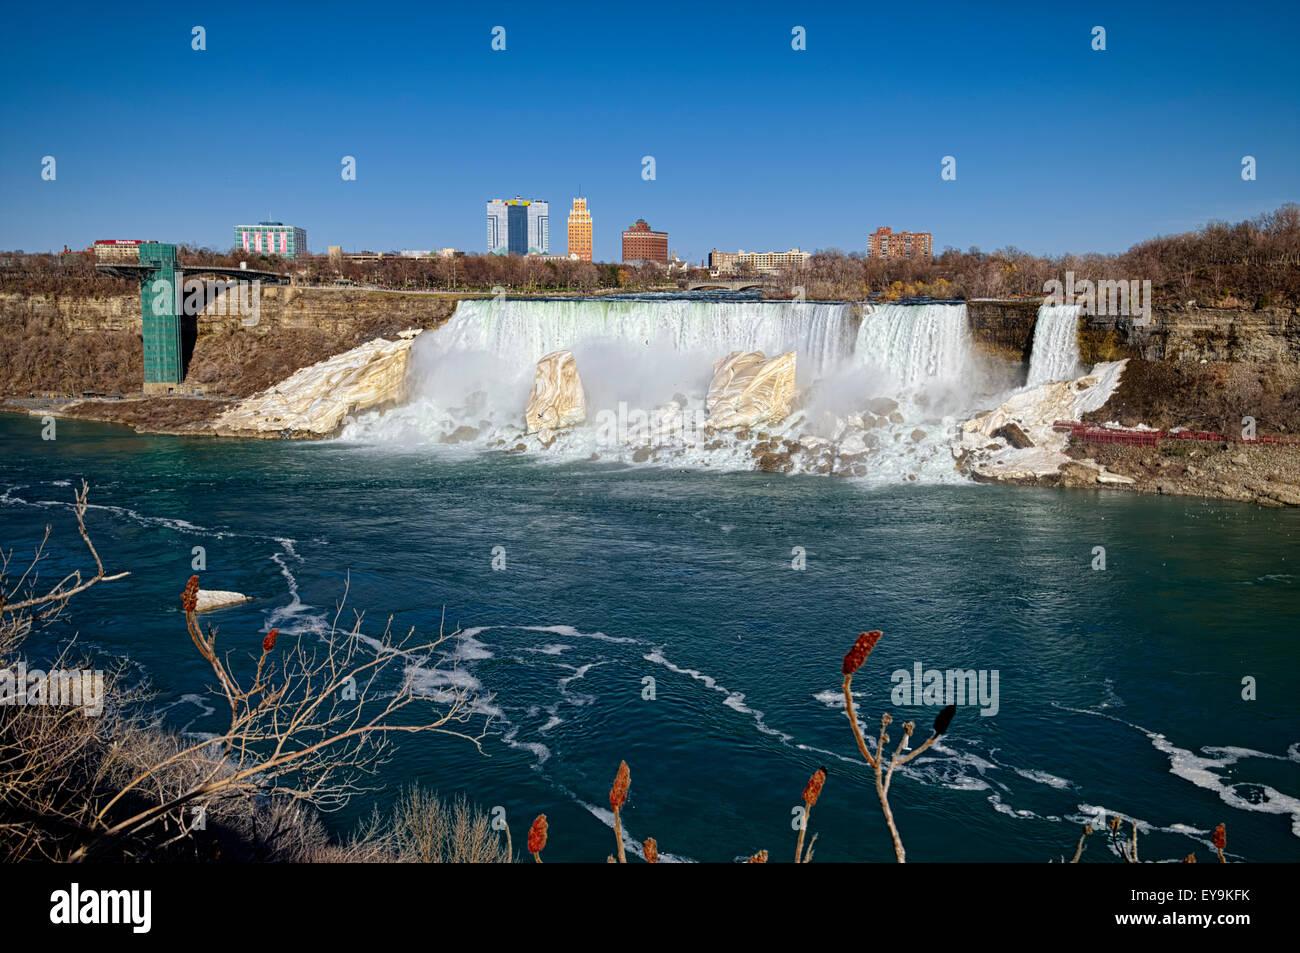 Niagara falls in ordinary day, Niagara city, Ontario, CA. - Stock Image